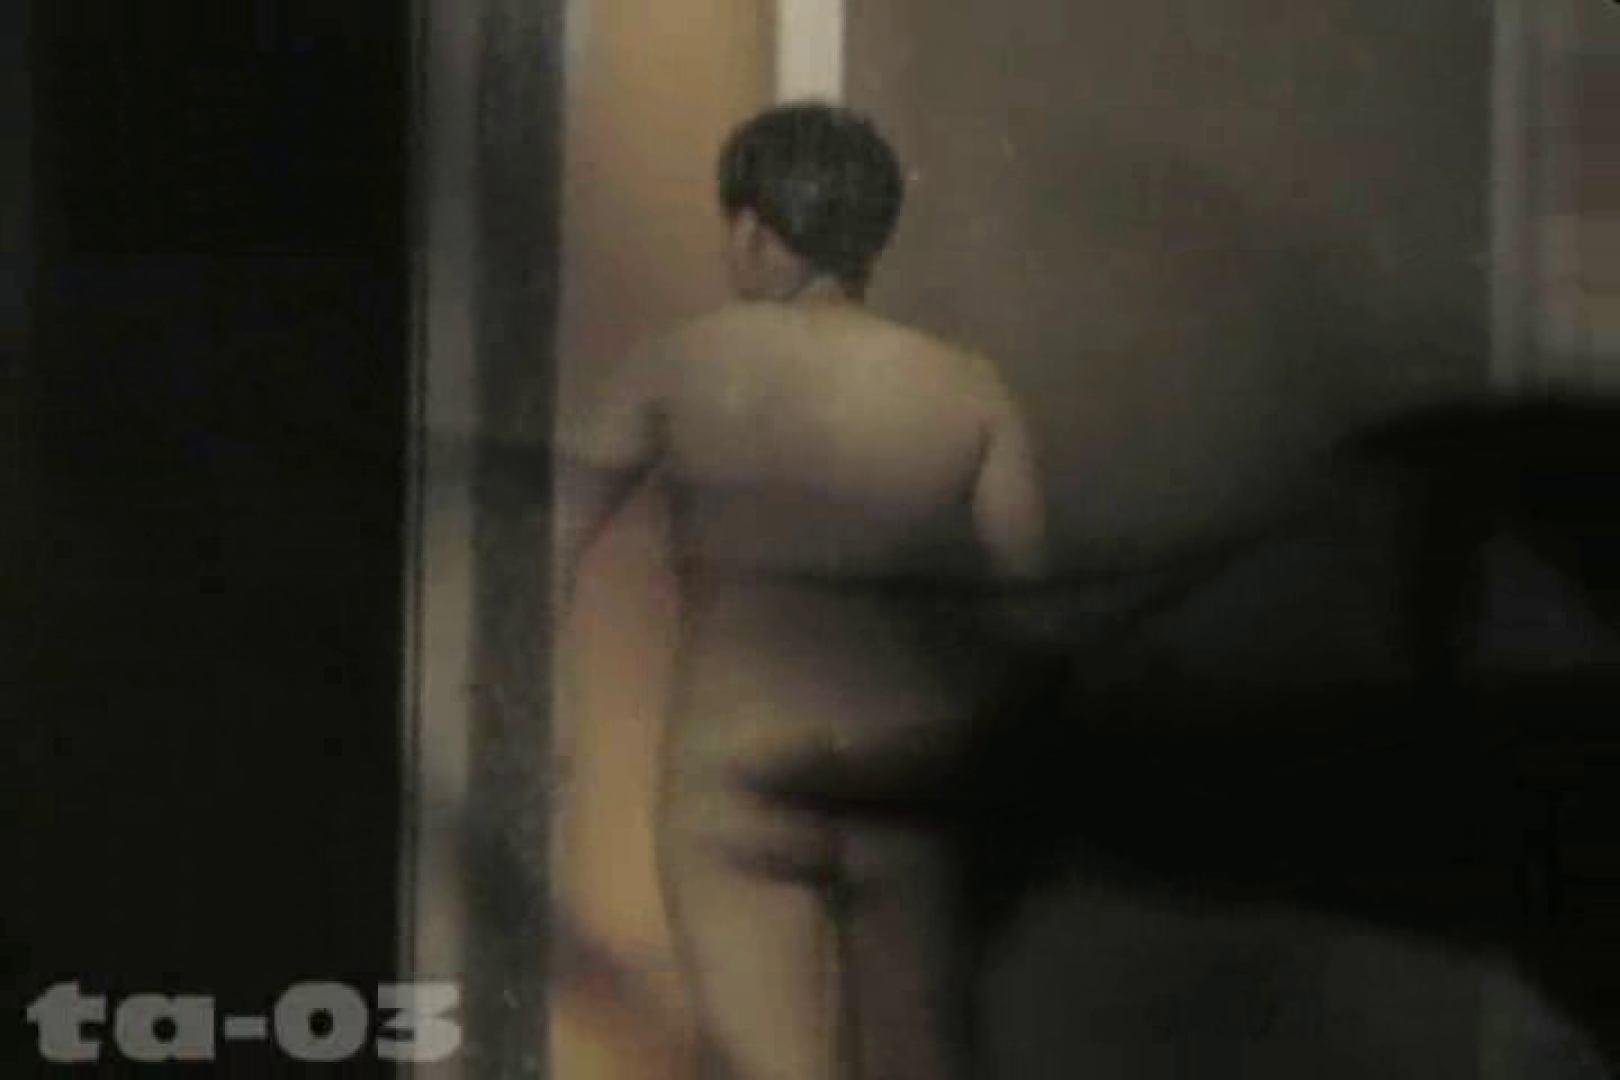 合宿ホテル女風呂盗撮高画質版 Vol.03 高画質 セックス無修正動画無料 71pic 10